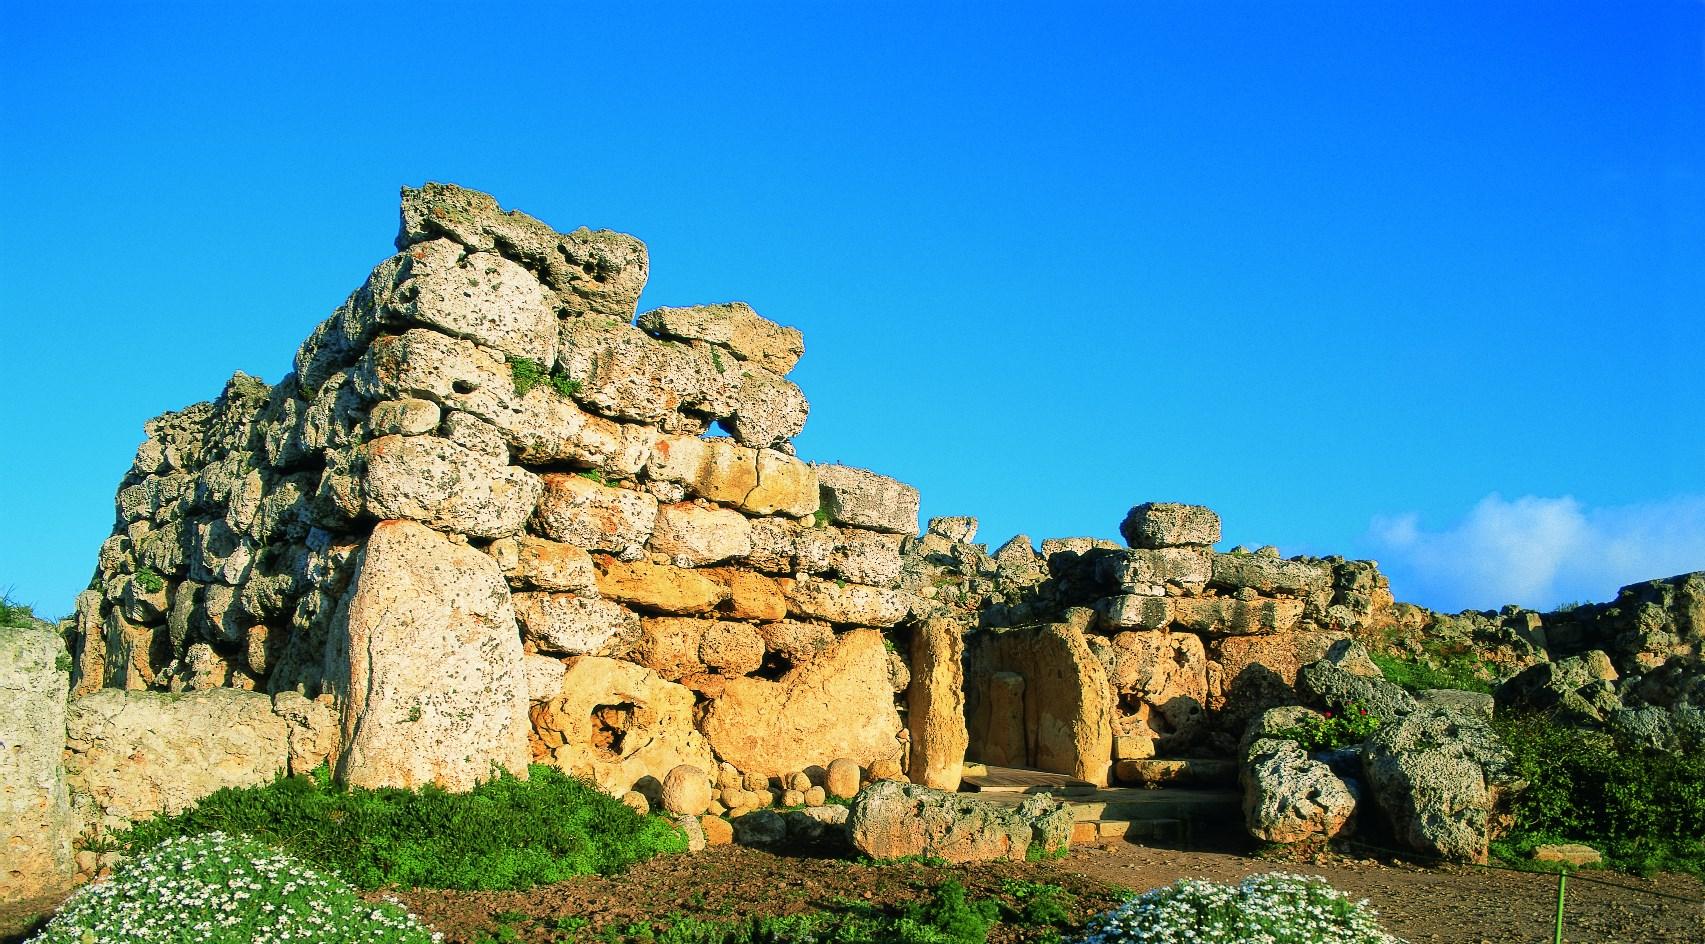 世界遺産ジュカンティーヤ神殿(3日目)